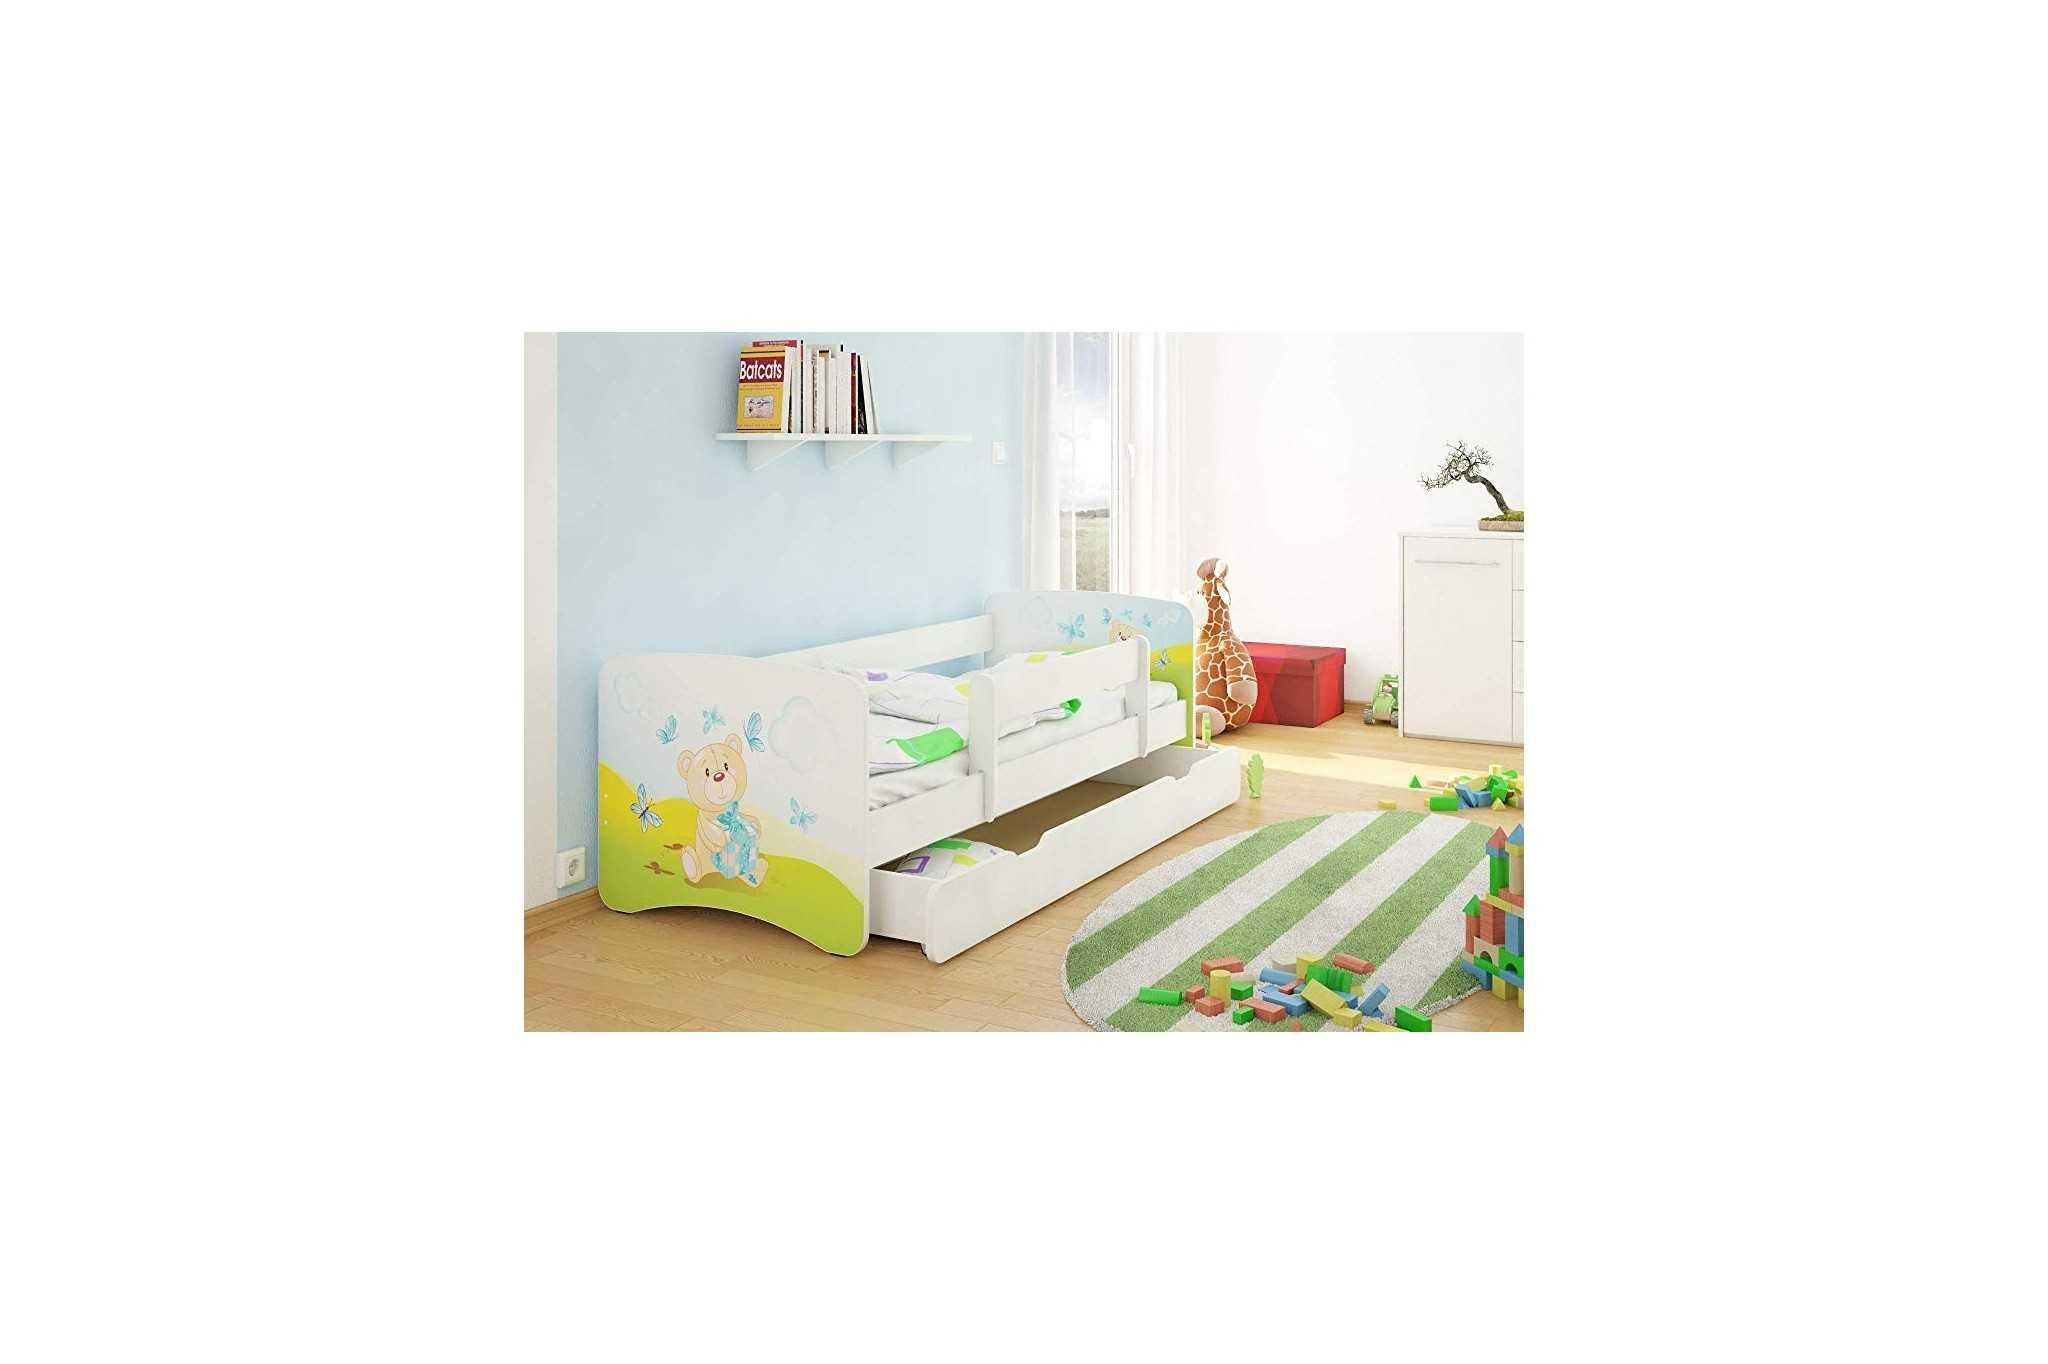 Best For Kids Kinderbett Mit Rausfallschutz Schublade Lattenrost 10 Cm Matratze Tüv Zertifiziert Kinderbett Für Mädchen Und Jungen In 3 Größen Viele